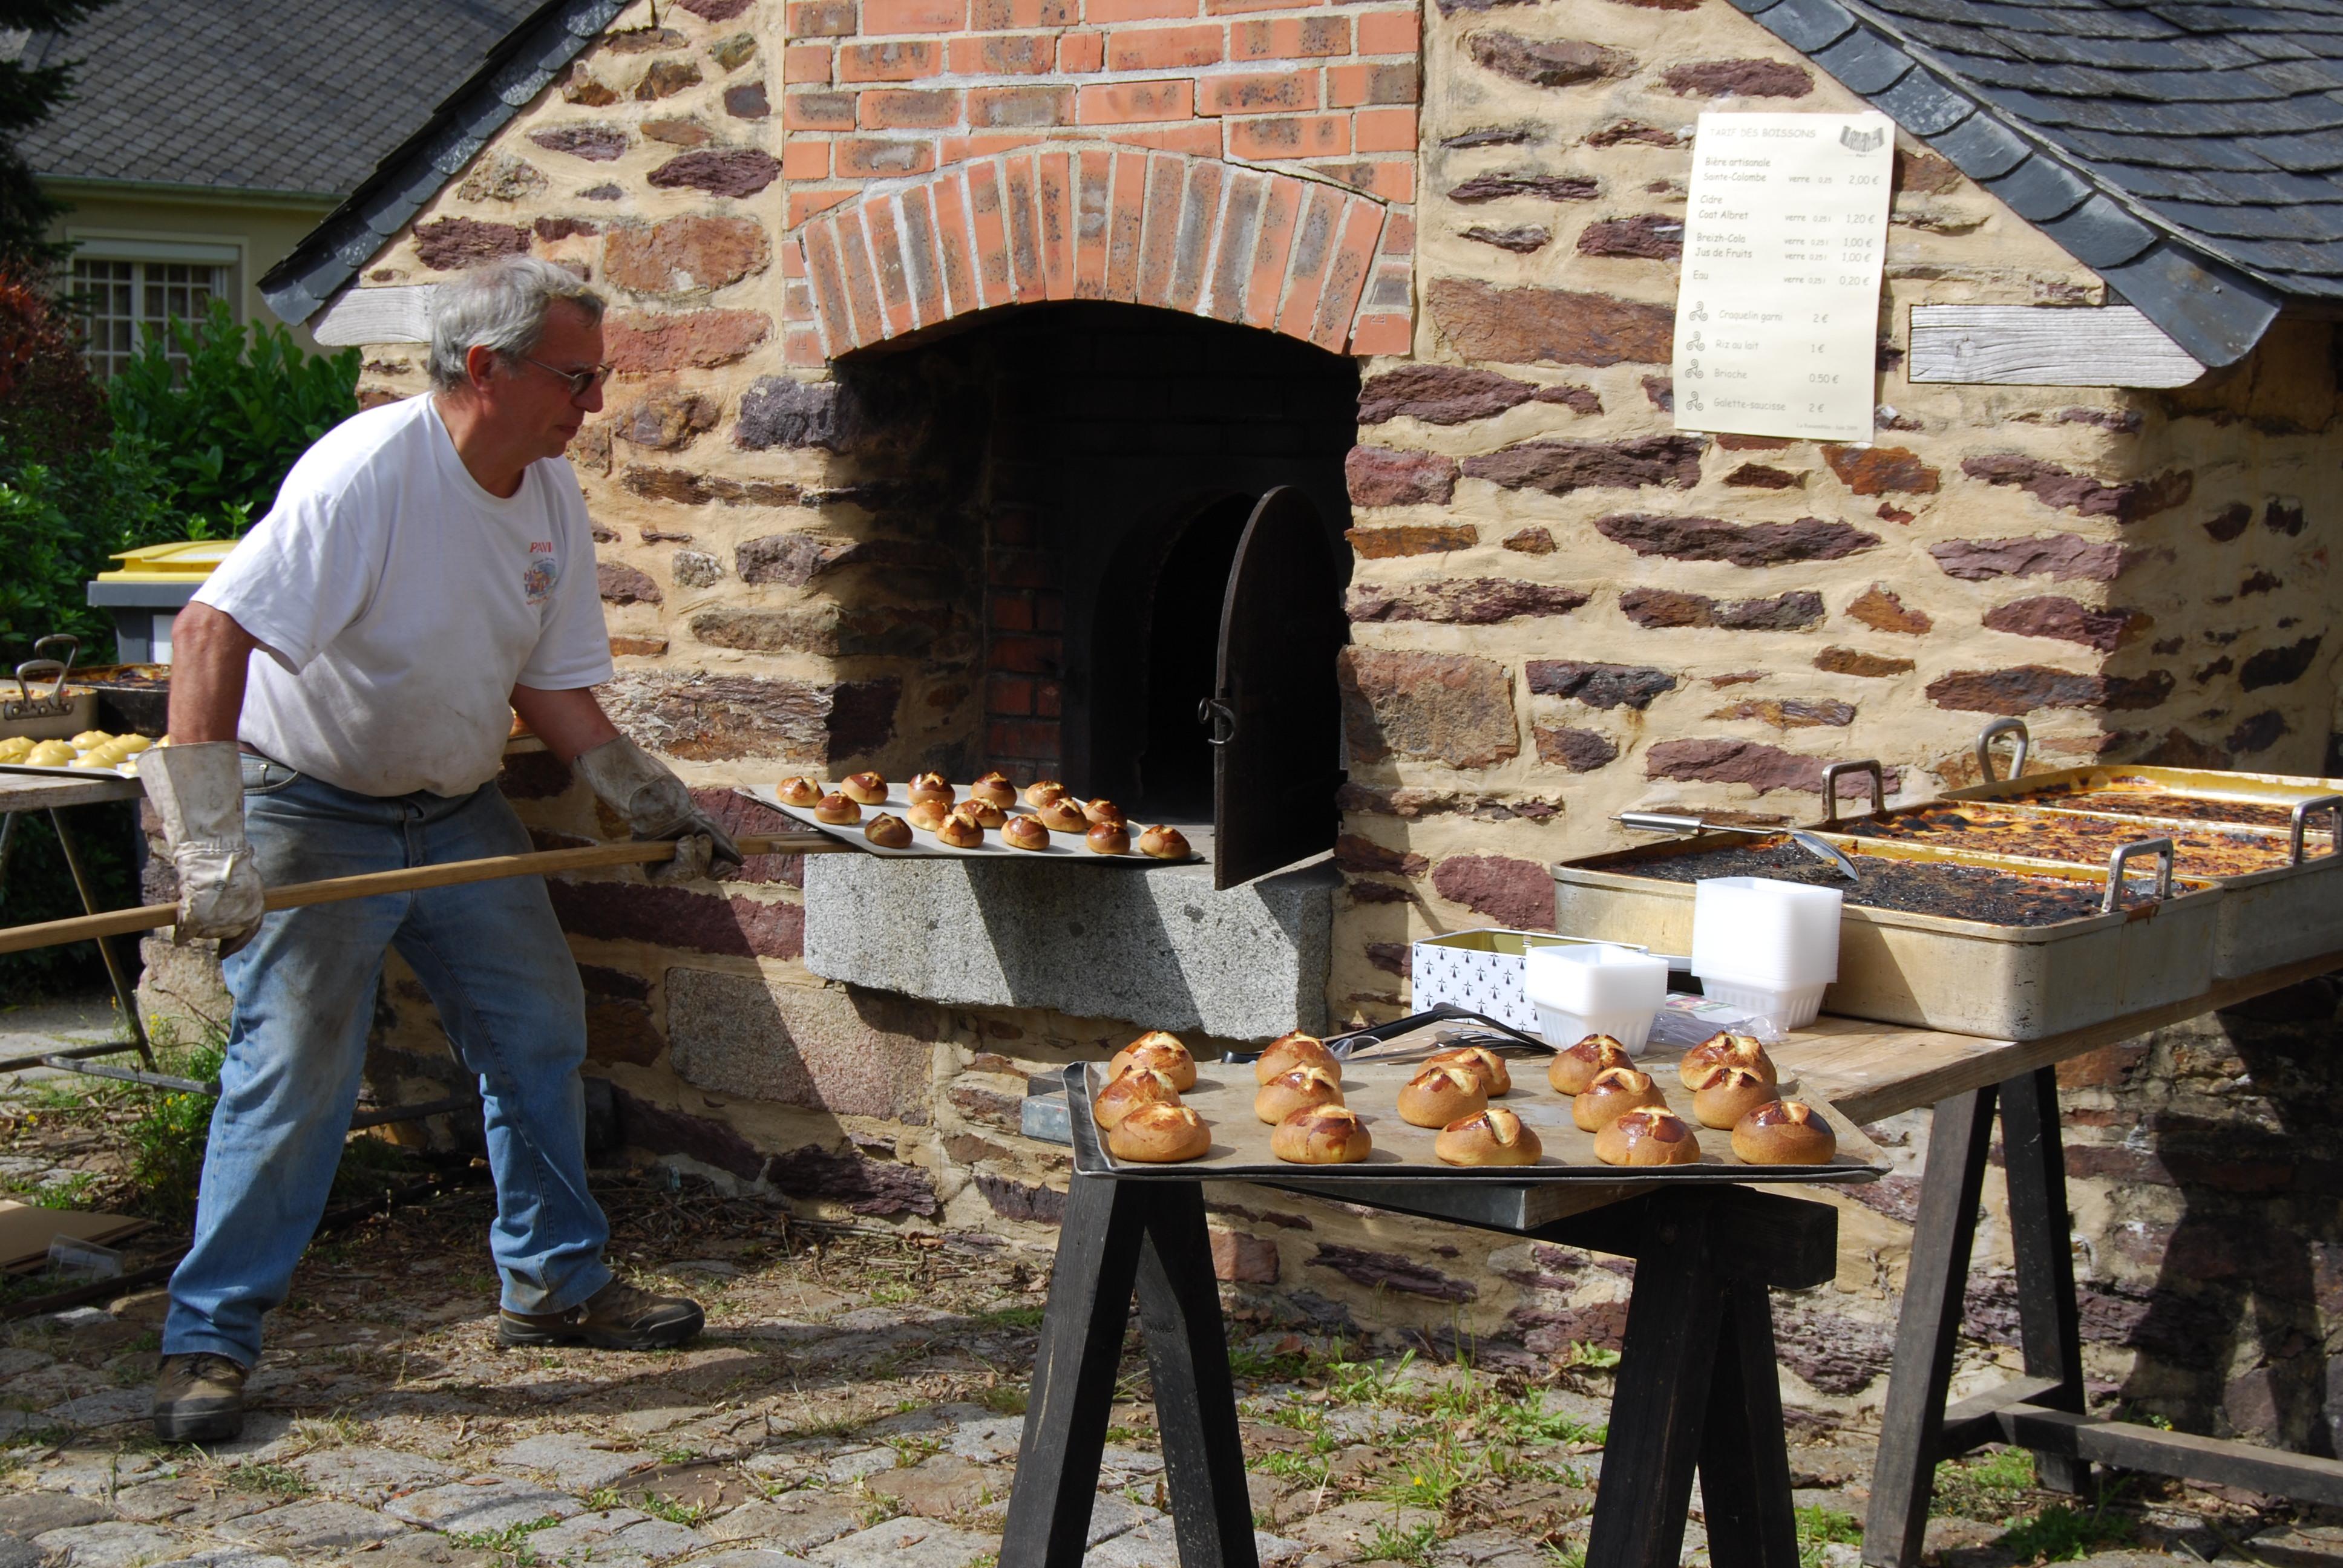 Animation autour du vieux four à pain dans le cadre de la fête 2020 de la Bretagne @ La Métairie de Pacé